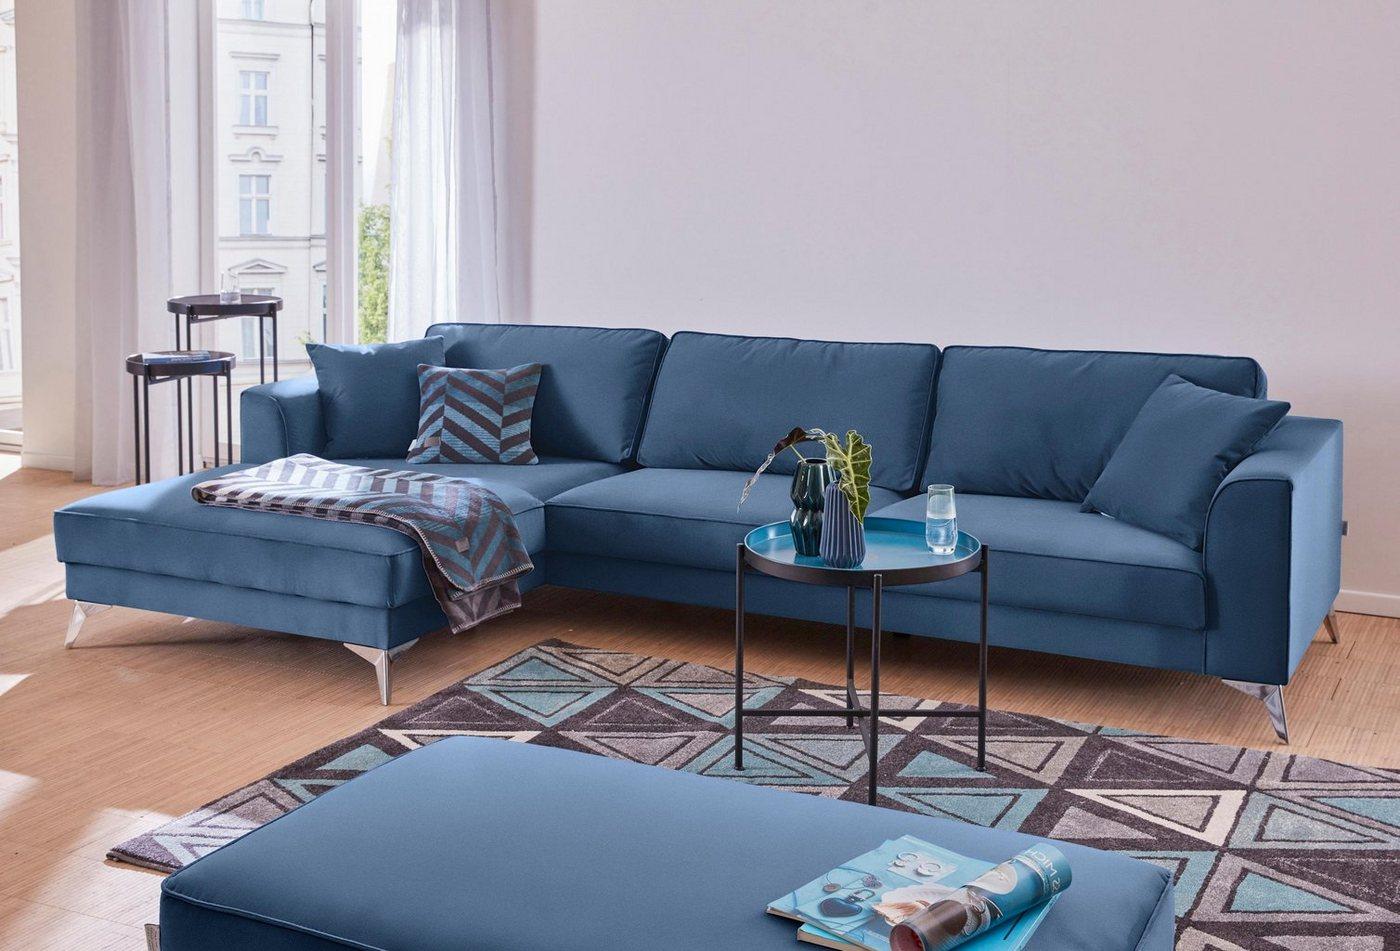 GMK Home & Living moderne hoekbank Juta, met hoogwaardige metalen poten